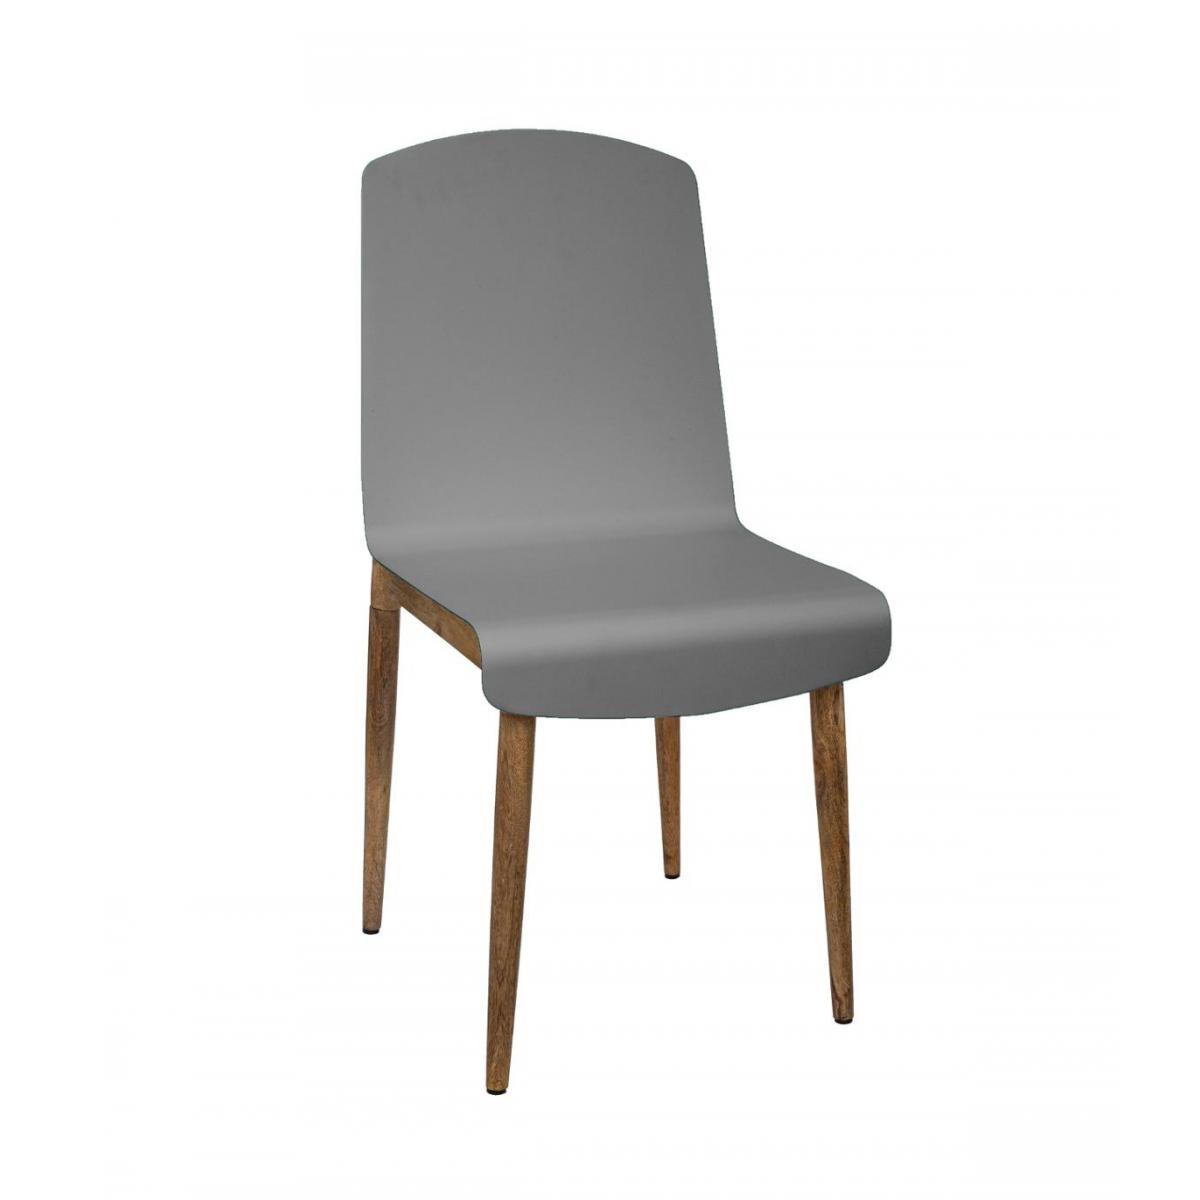 Atmosphera, Createur D'Interie Atmosphera - Chaise de Salle à Manger en Bois de Manguier et Acier Gris H 87.5 cm